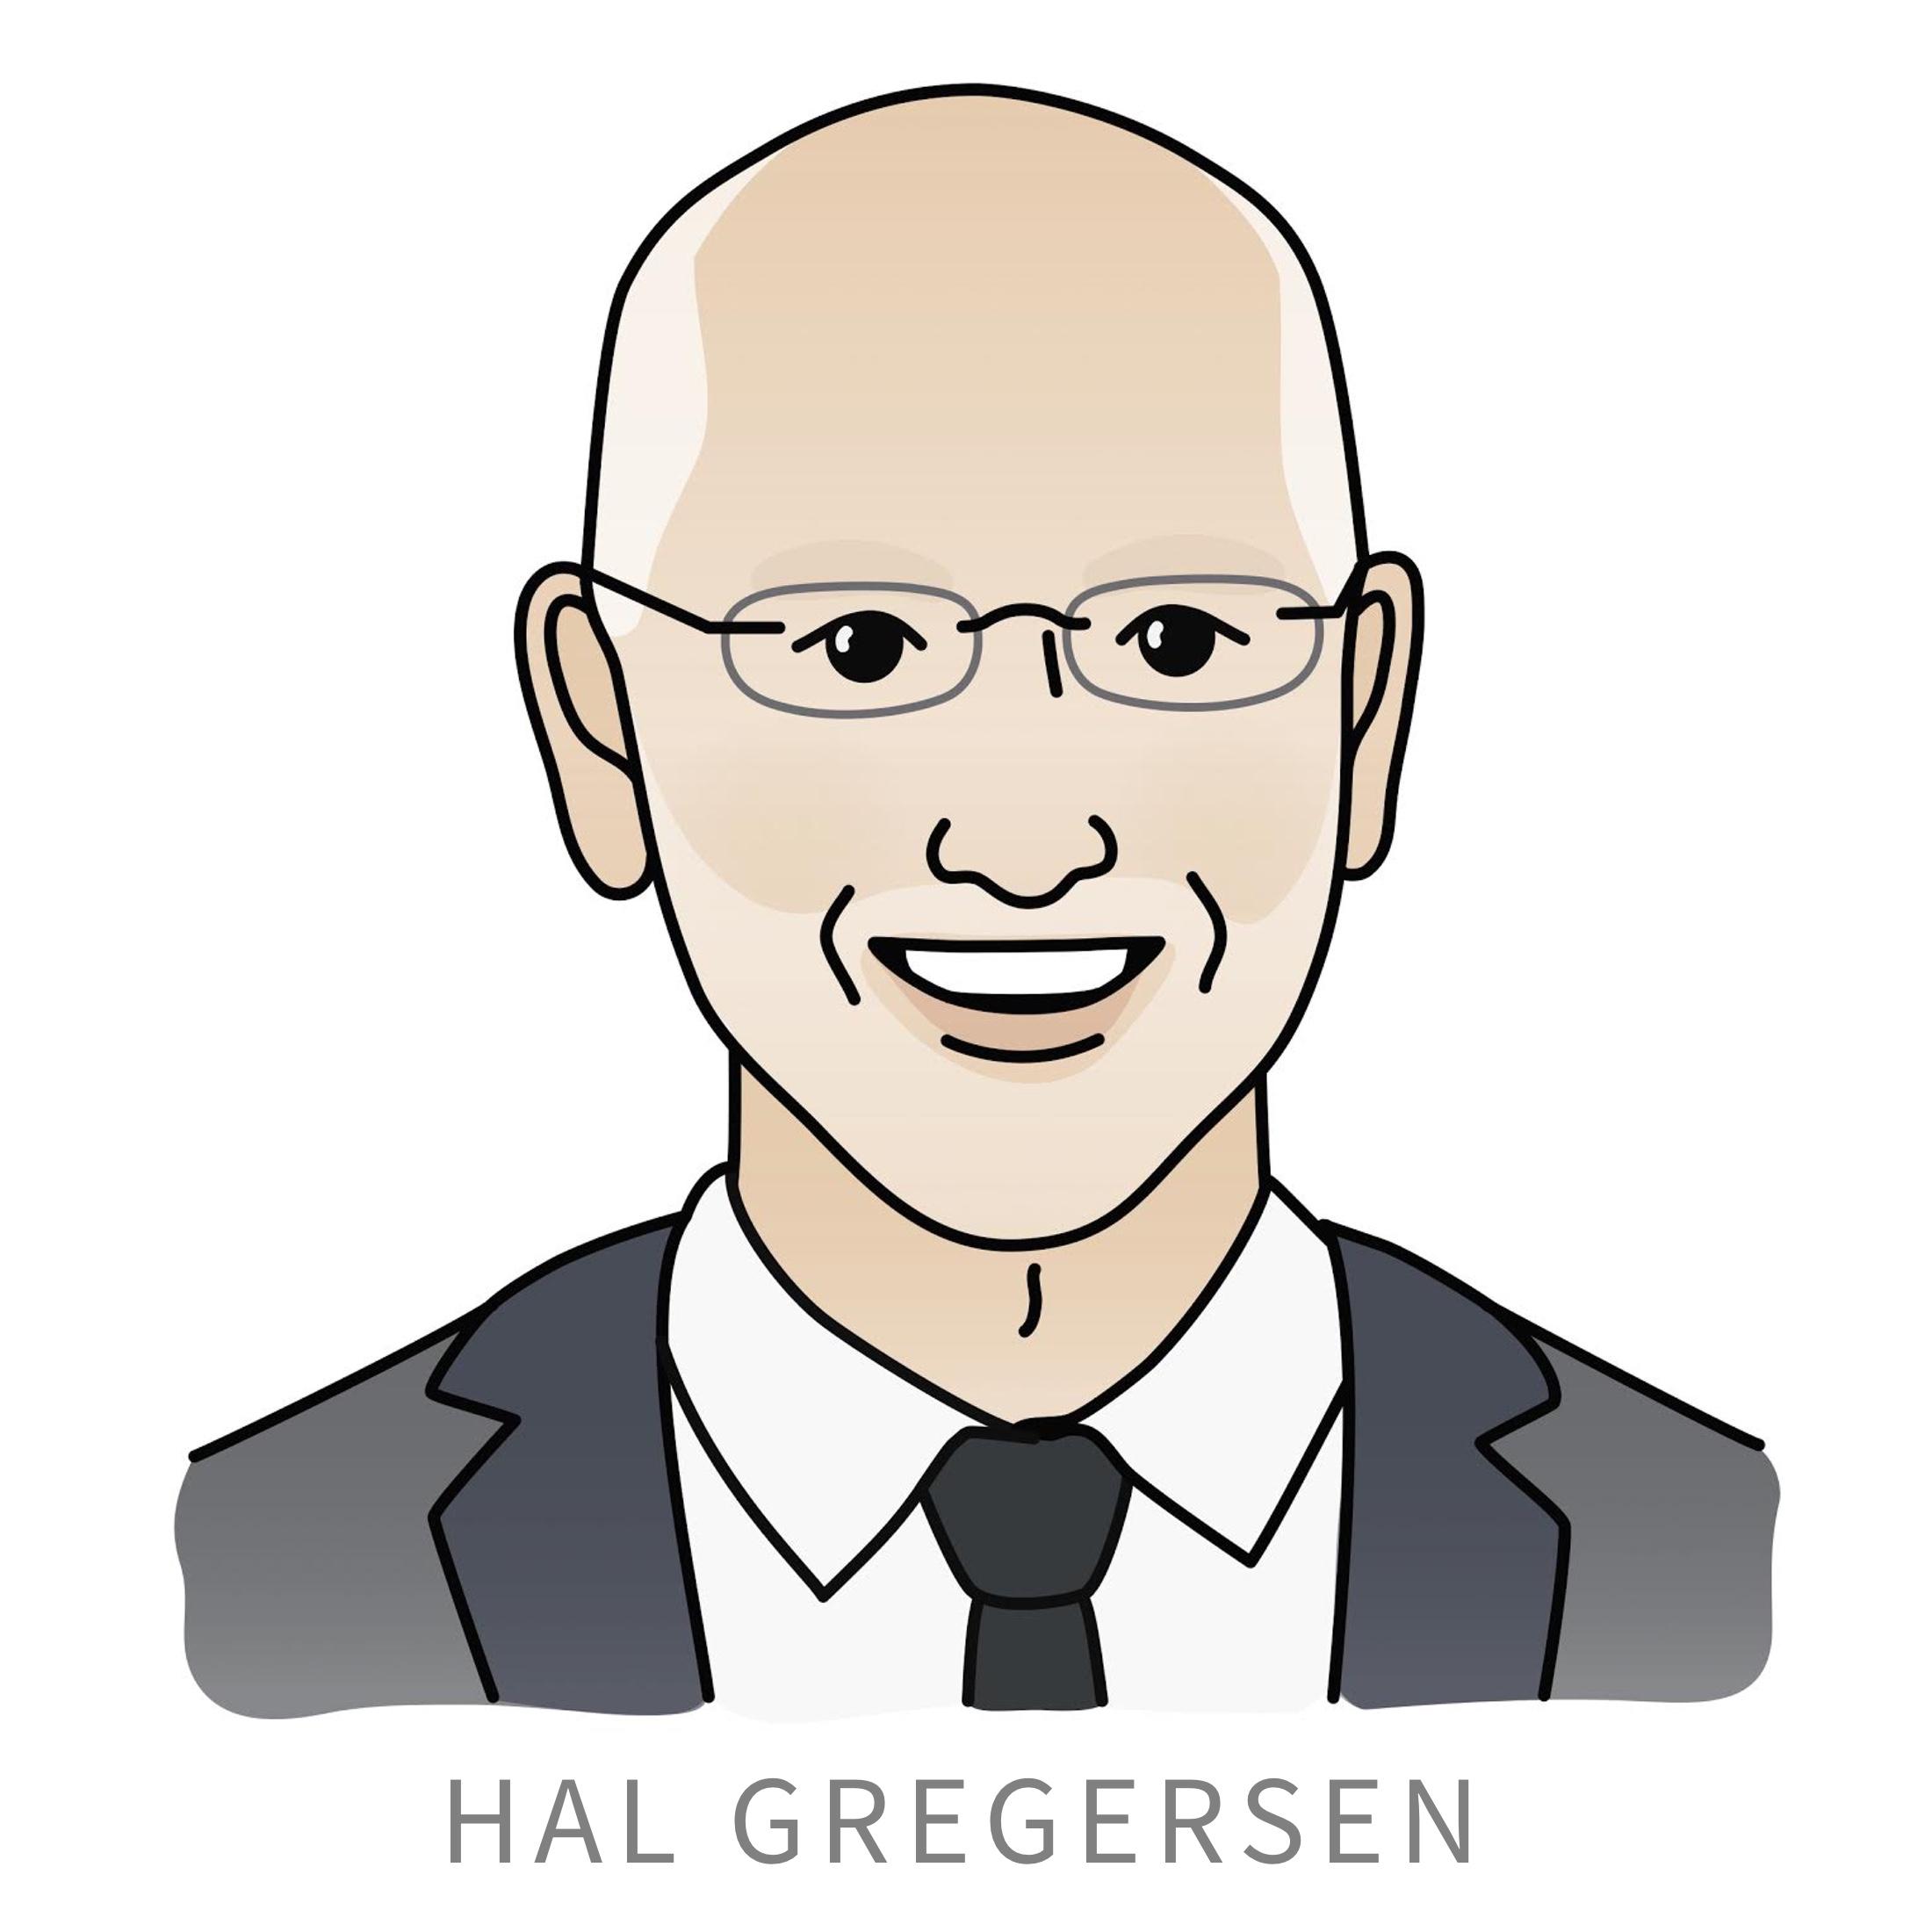 Hal_Gregersen_Intellects.co